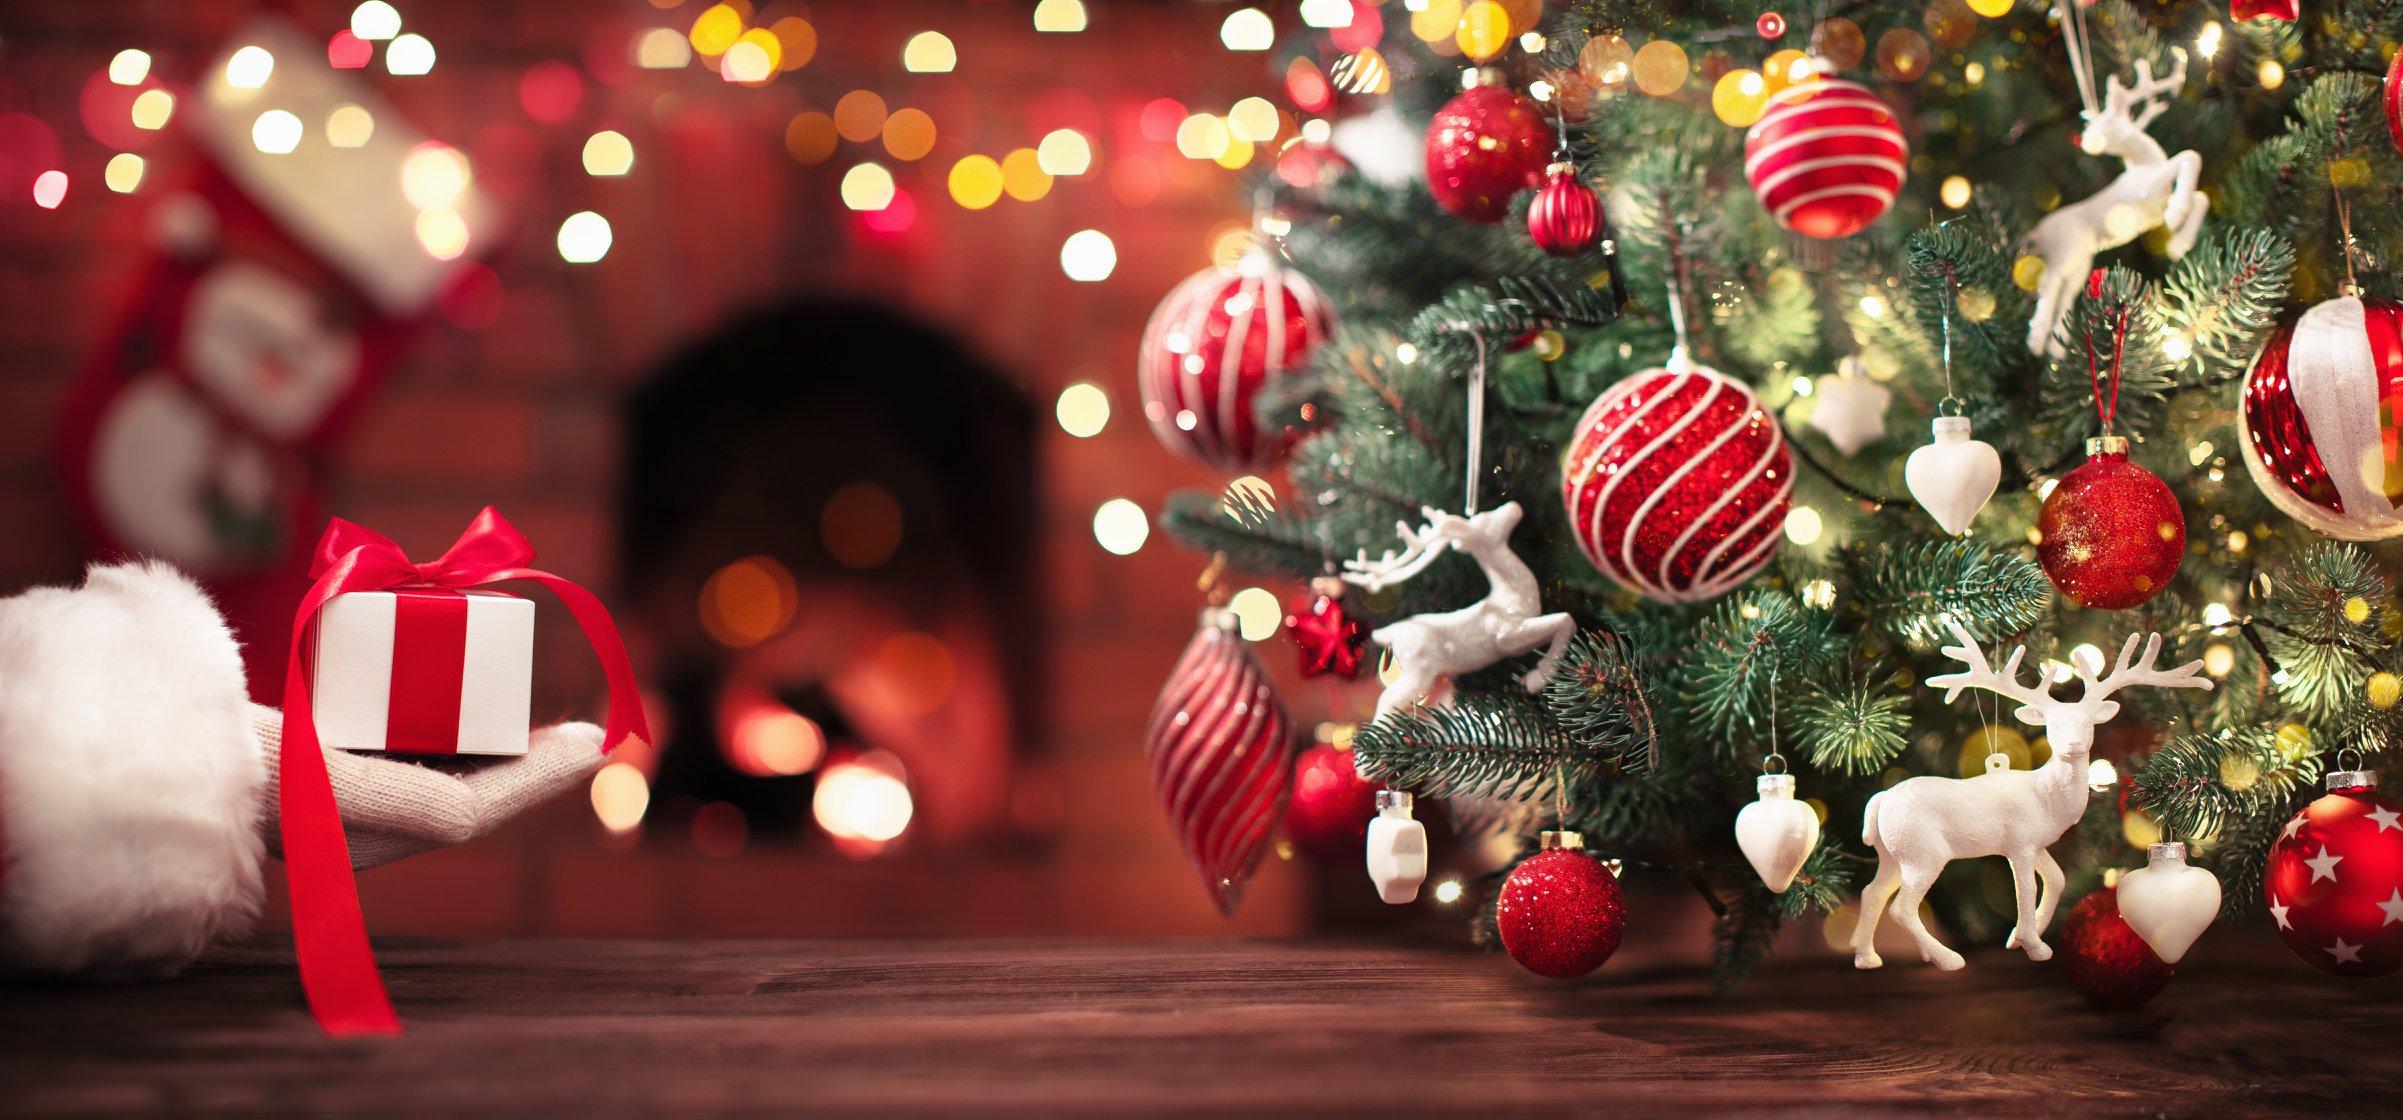 كفرات فيس بوك راس السنه و الكريسماس 2 غلاف فيس بوك رأس السنة و الكريسماس